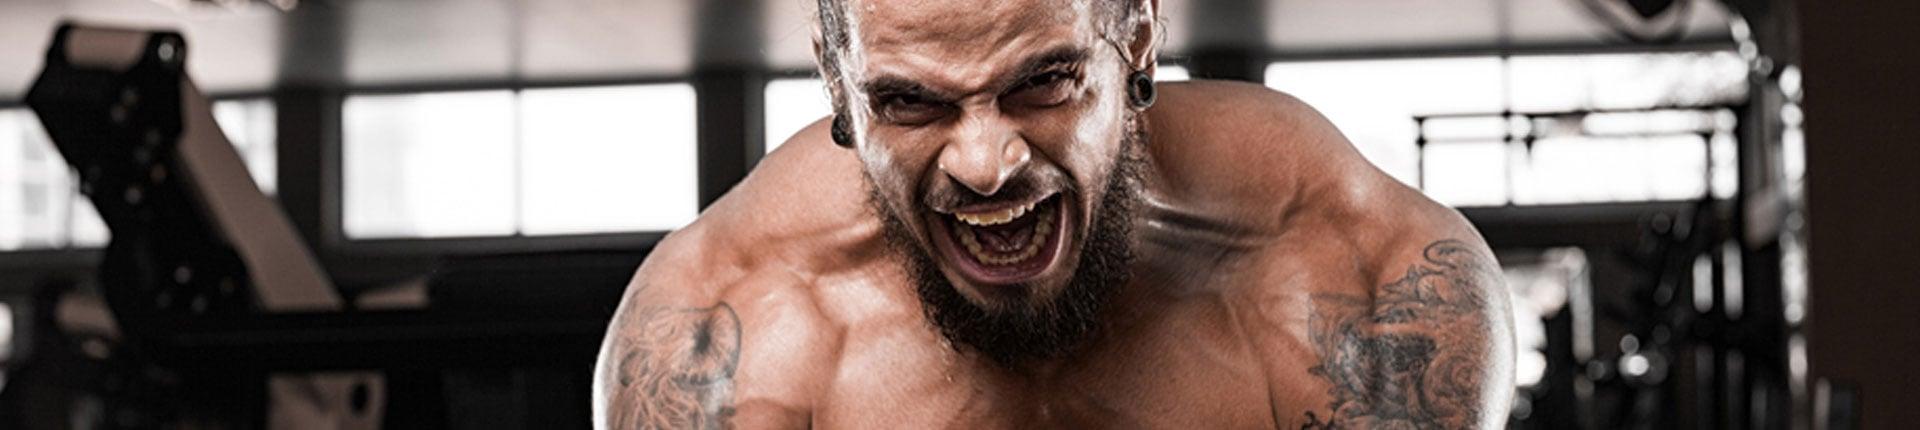 Testosteron a agresja. Czy branie testosteronu powoduje agresję?